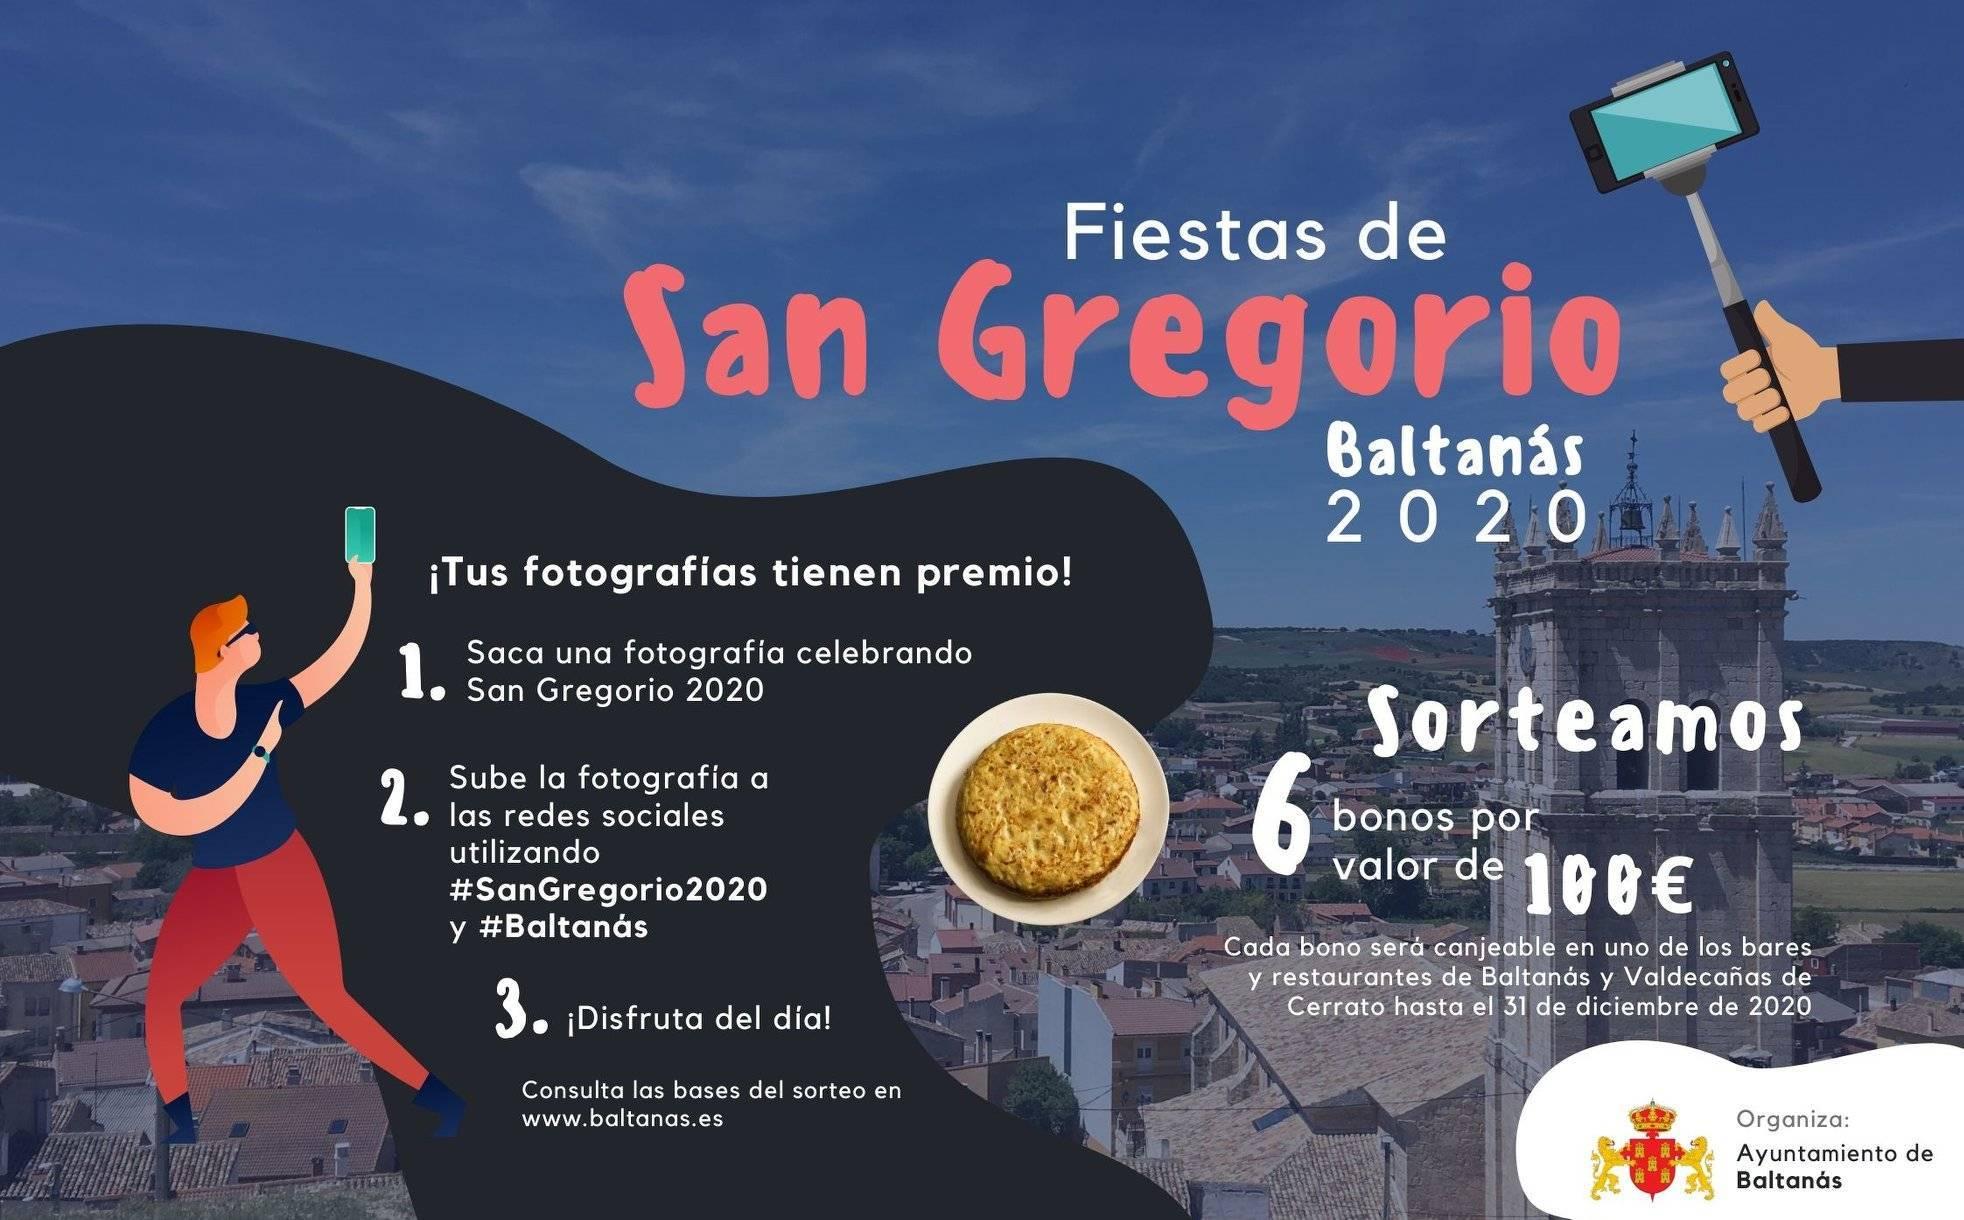 Fiestas de San Gregorio 2020 - Baltanás (Palencia)